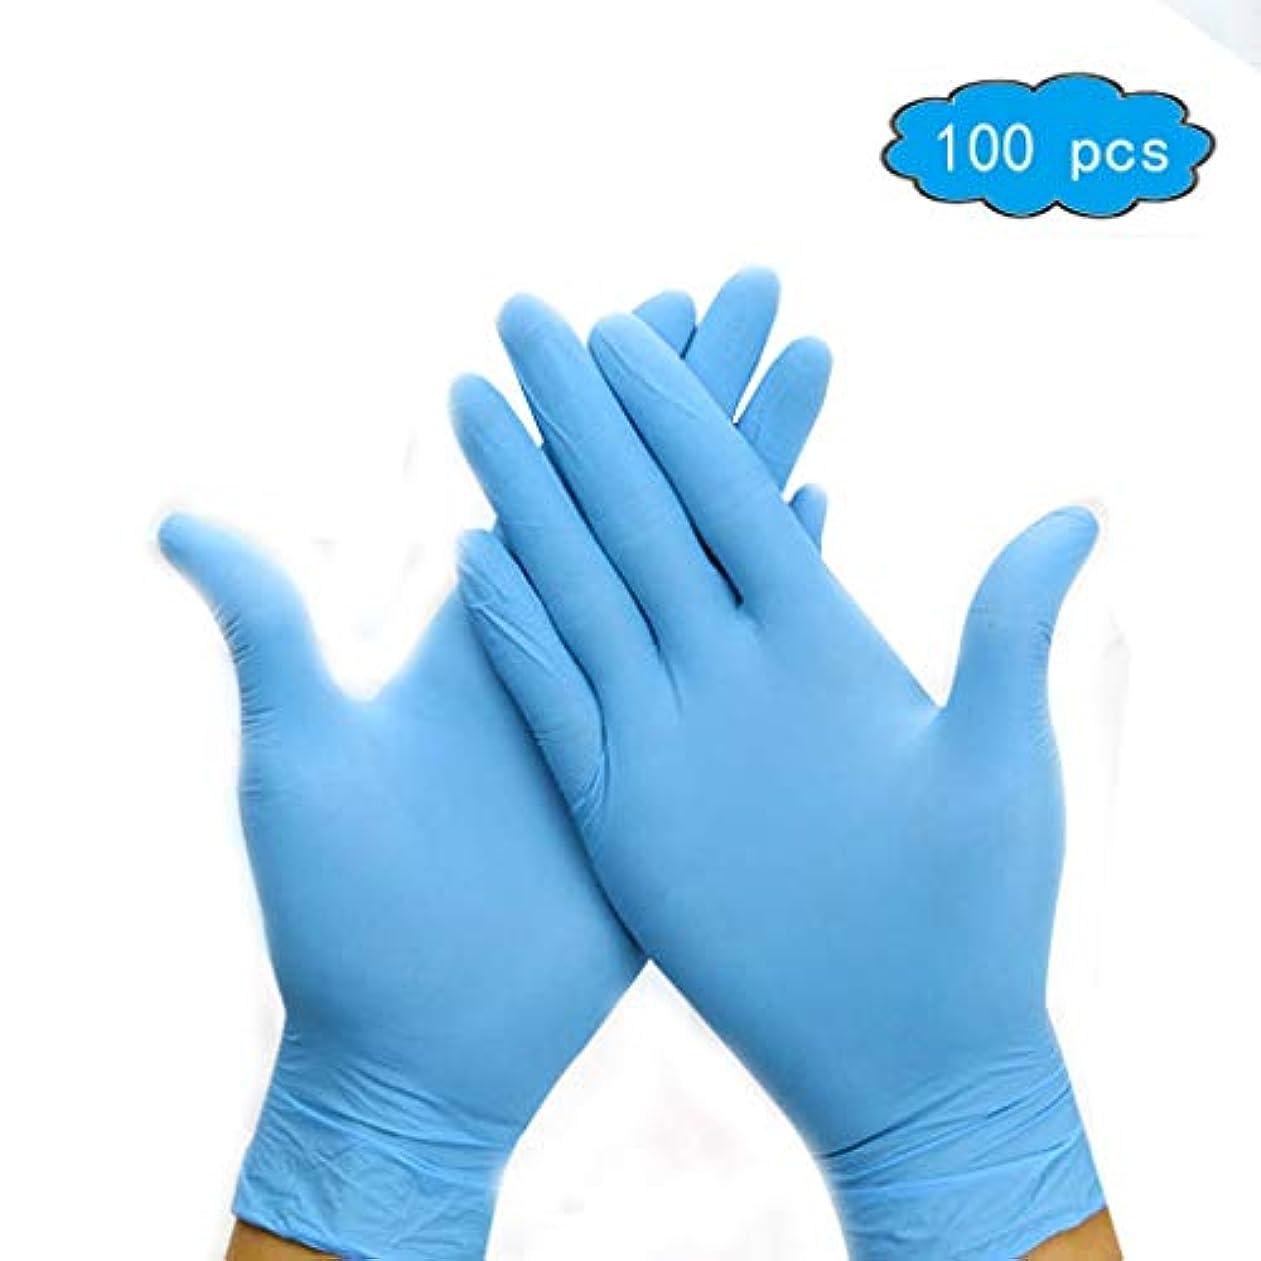 イタリアの勘違いする亡命使い捨てニトリル手袋 - パウダーフリー、ラテックスフリー、メディカル試験グレード、無菌、Ambidextrous - テクスチャード加工のソフト - クールブルー(中、1パック、100カウント)、手?腕の保護 (Color...